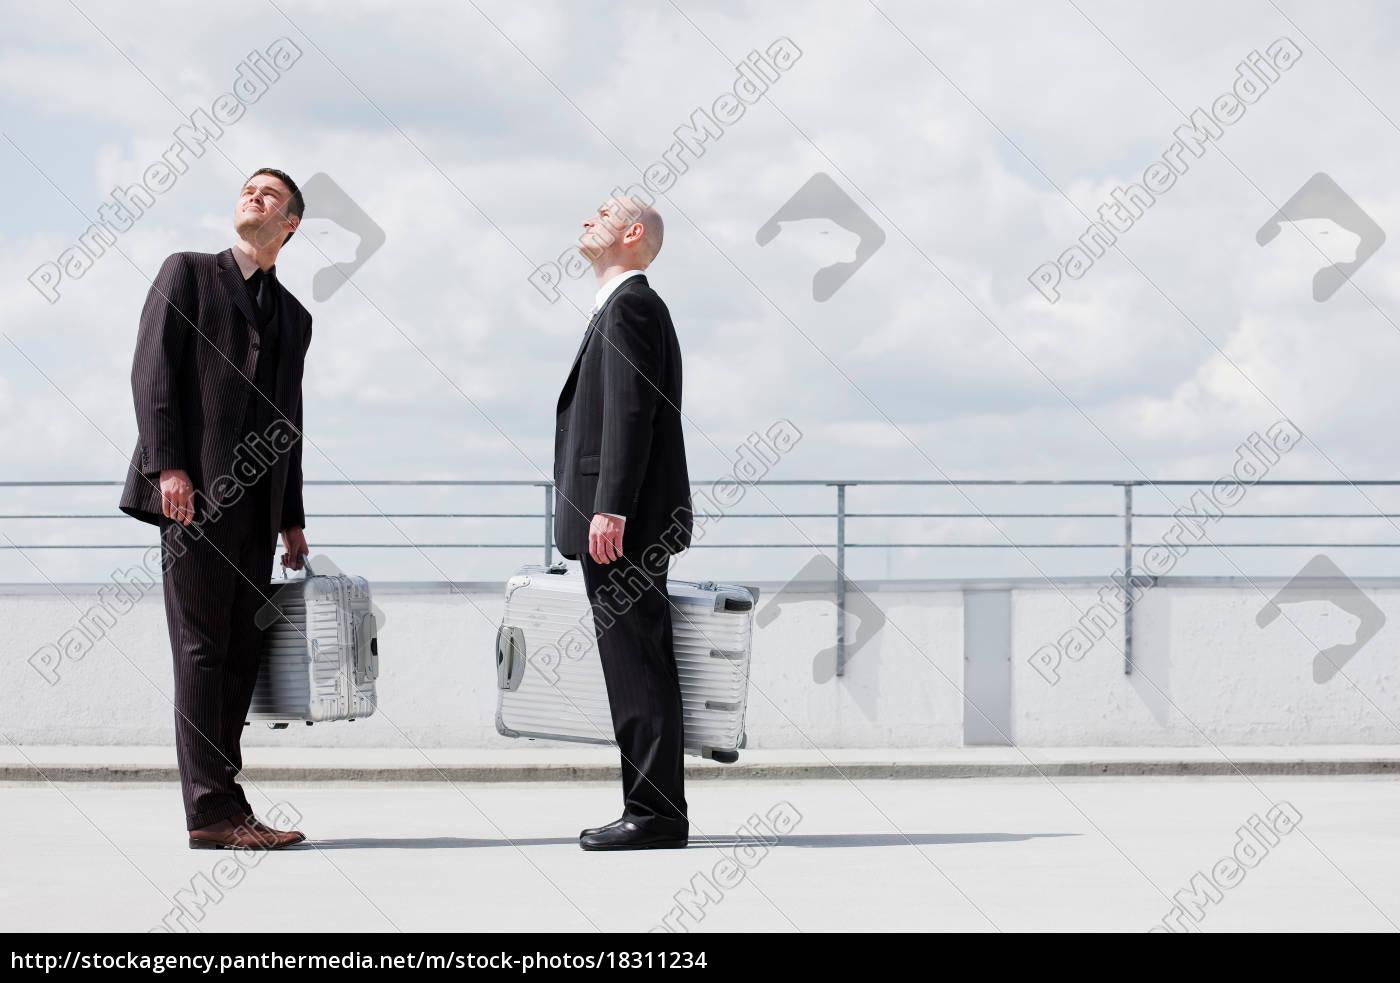 zwei, geschäftsleute, mit, koffern - 18311234